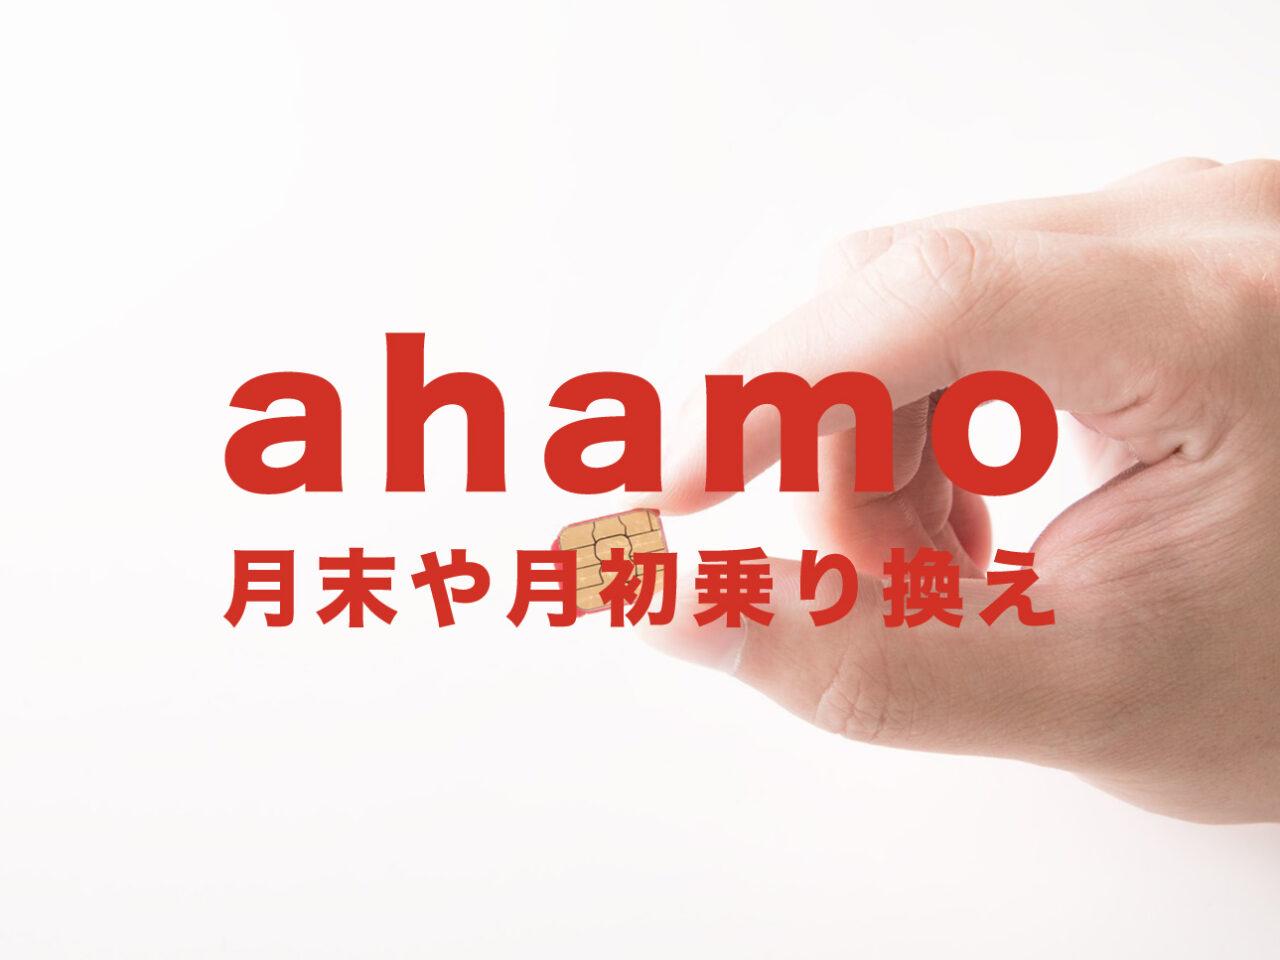 ahamo(アハモ)は月末や月初、月途中のいつ乗り換えるのがお得?のサムネイル画像